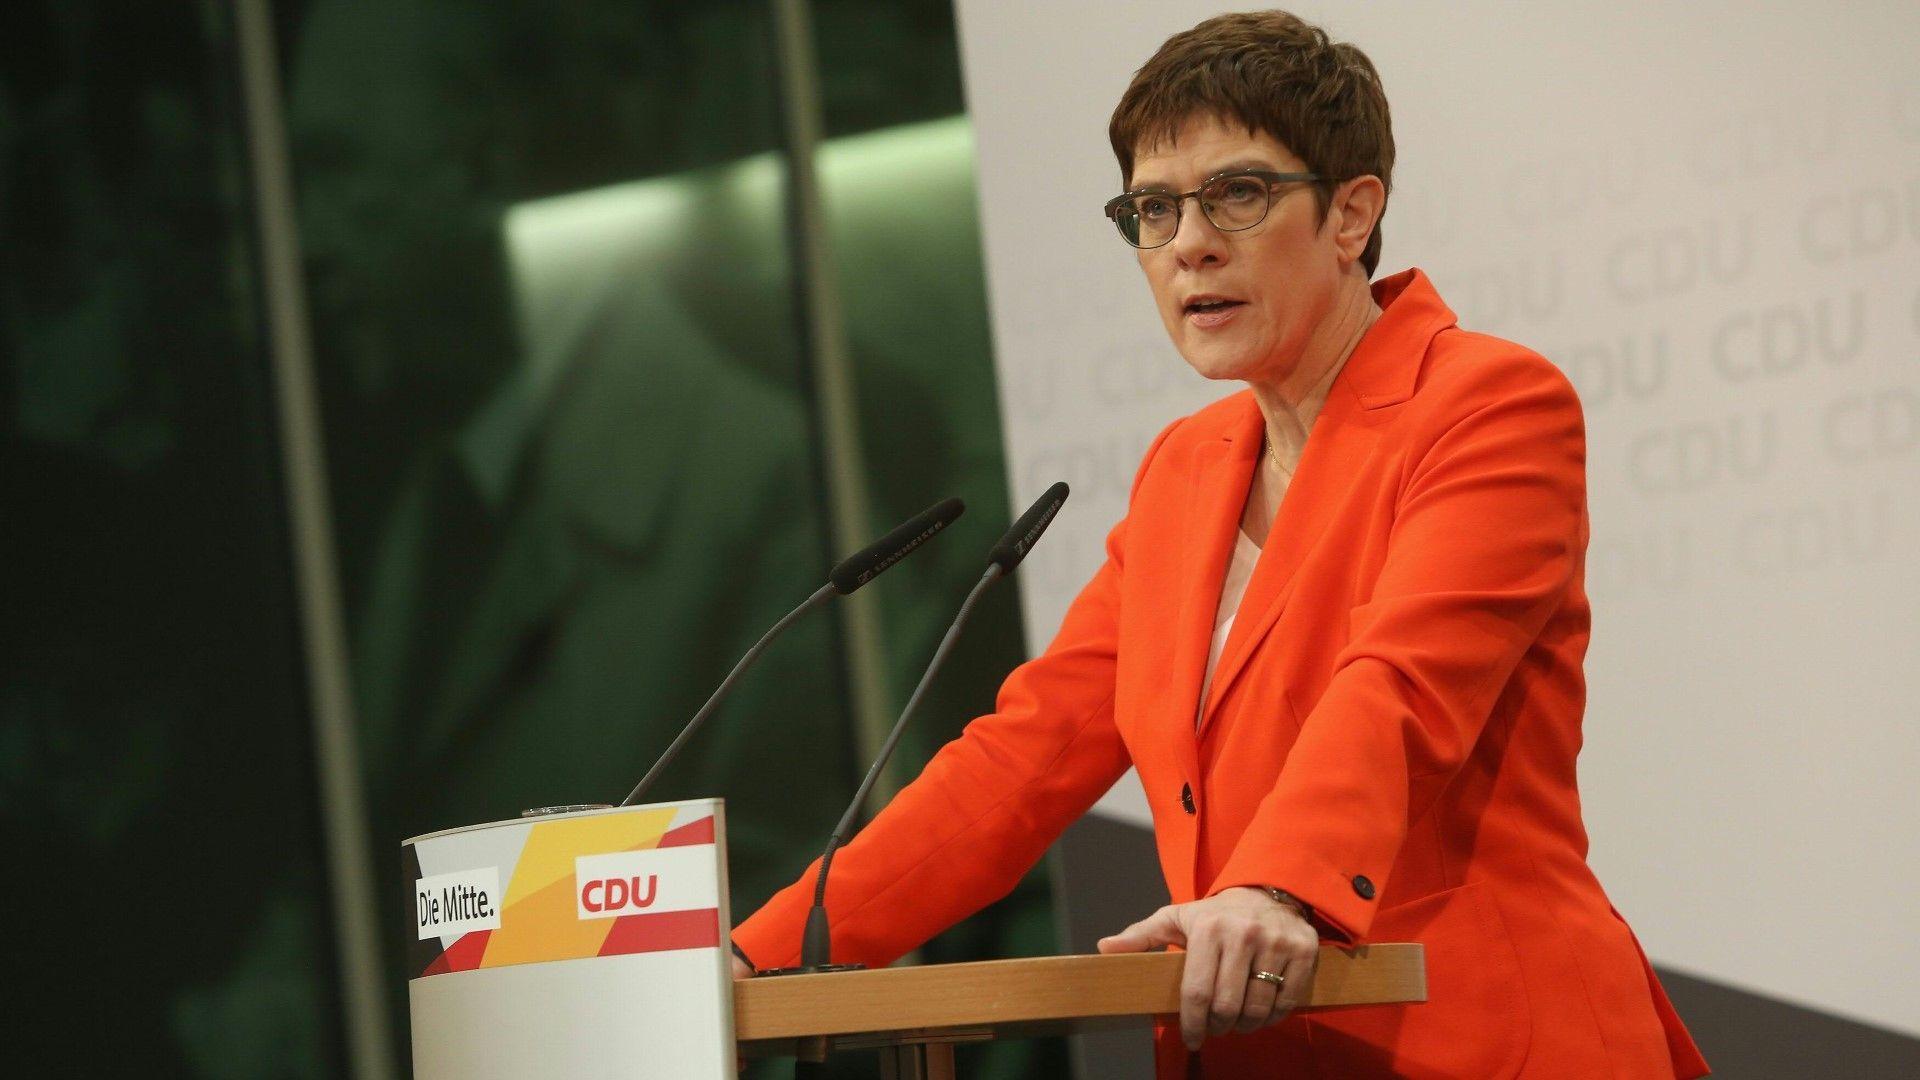 Annegret Kramp-Karrenbauer - Bild: AFP via glomexkarrenbauer